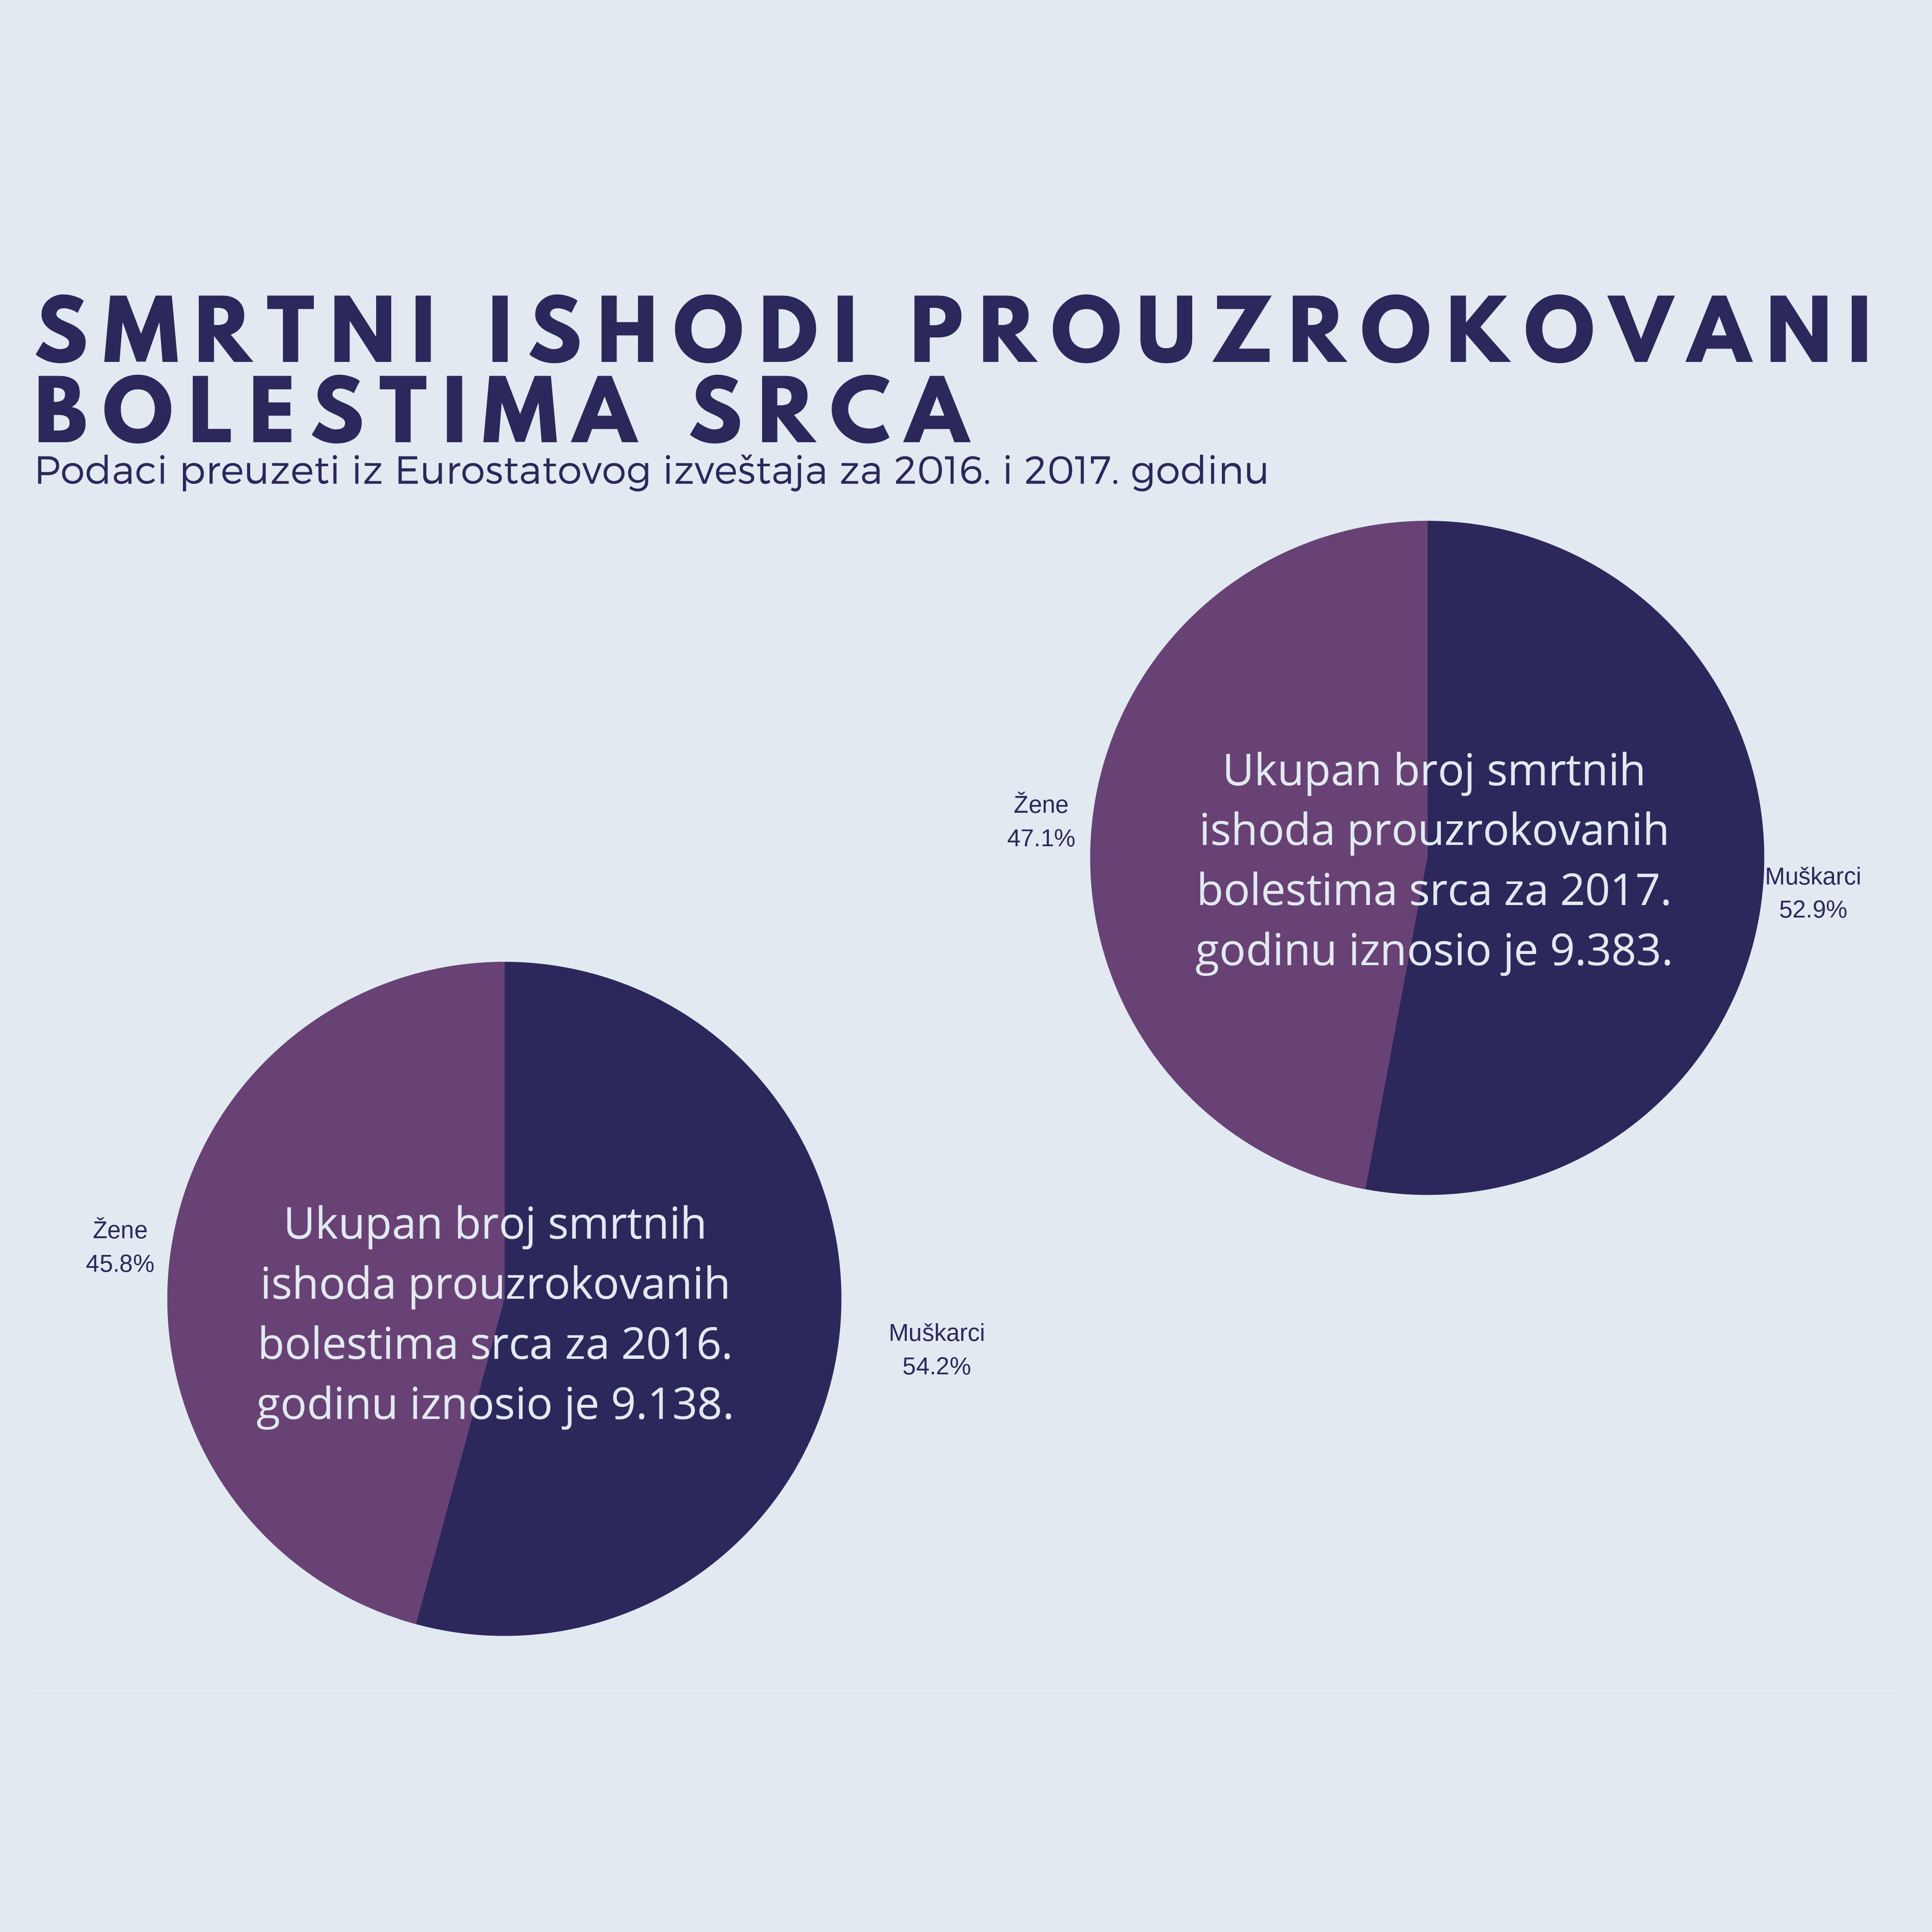 U Srbiji žene starije od 65 godina podložnije smrtnim ishodima od bolesti srca nego muškarci 5